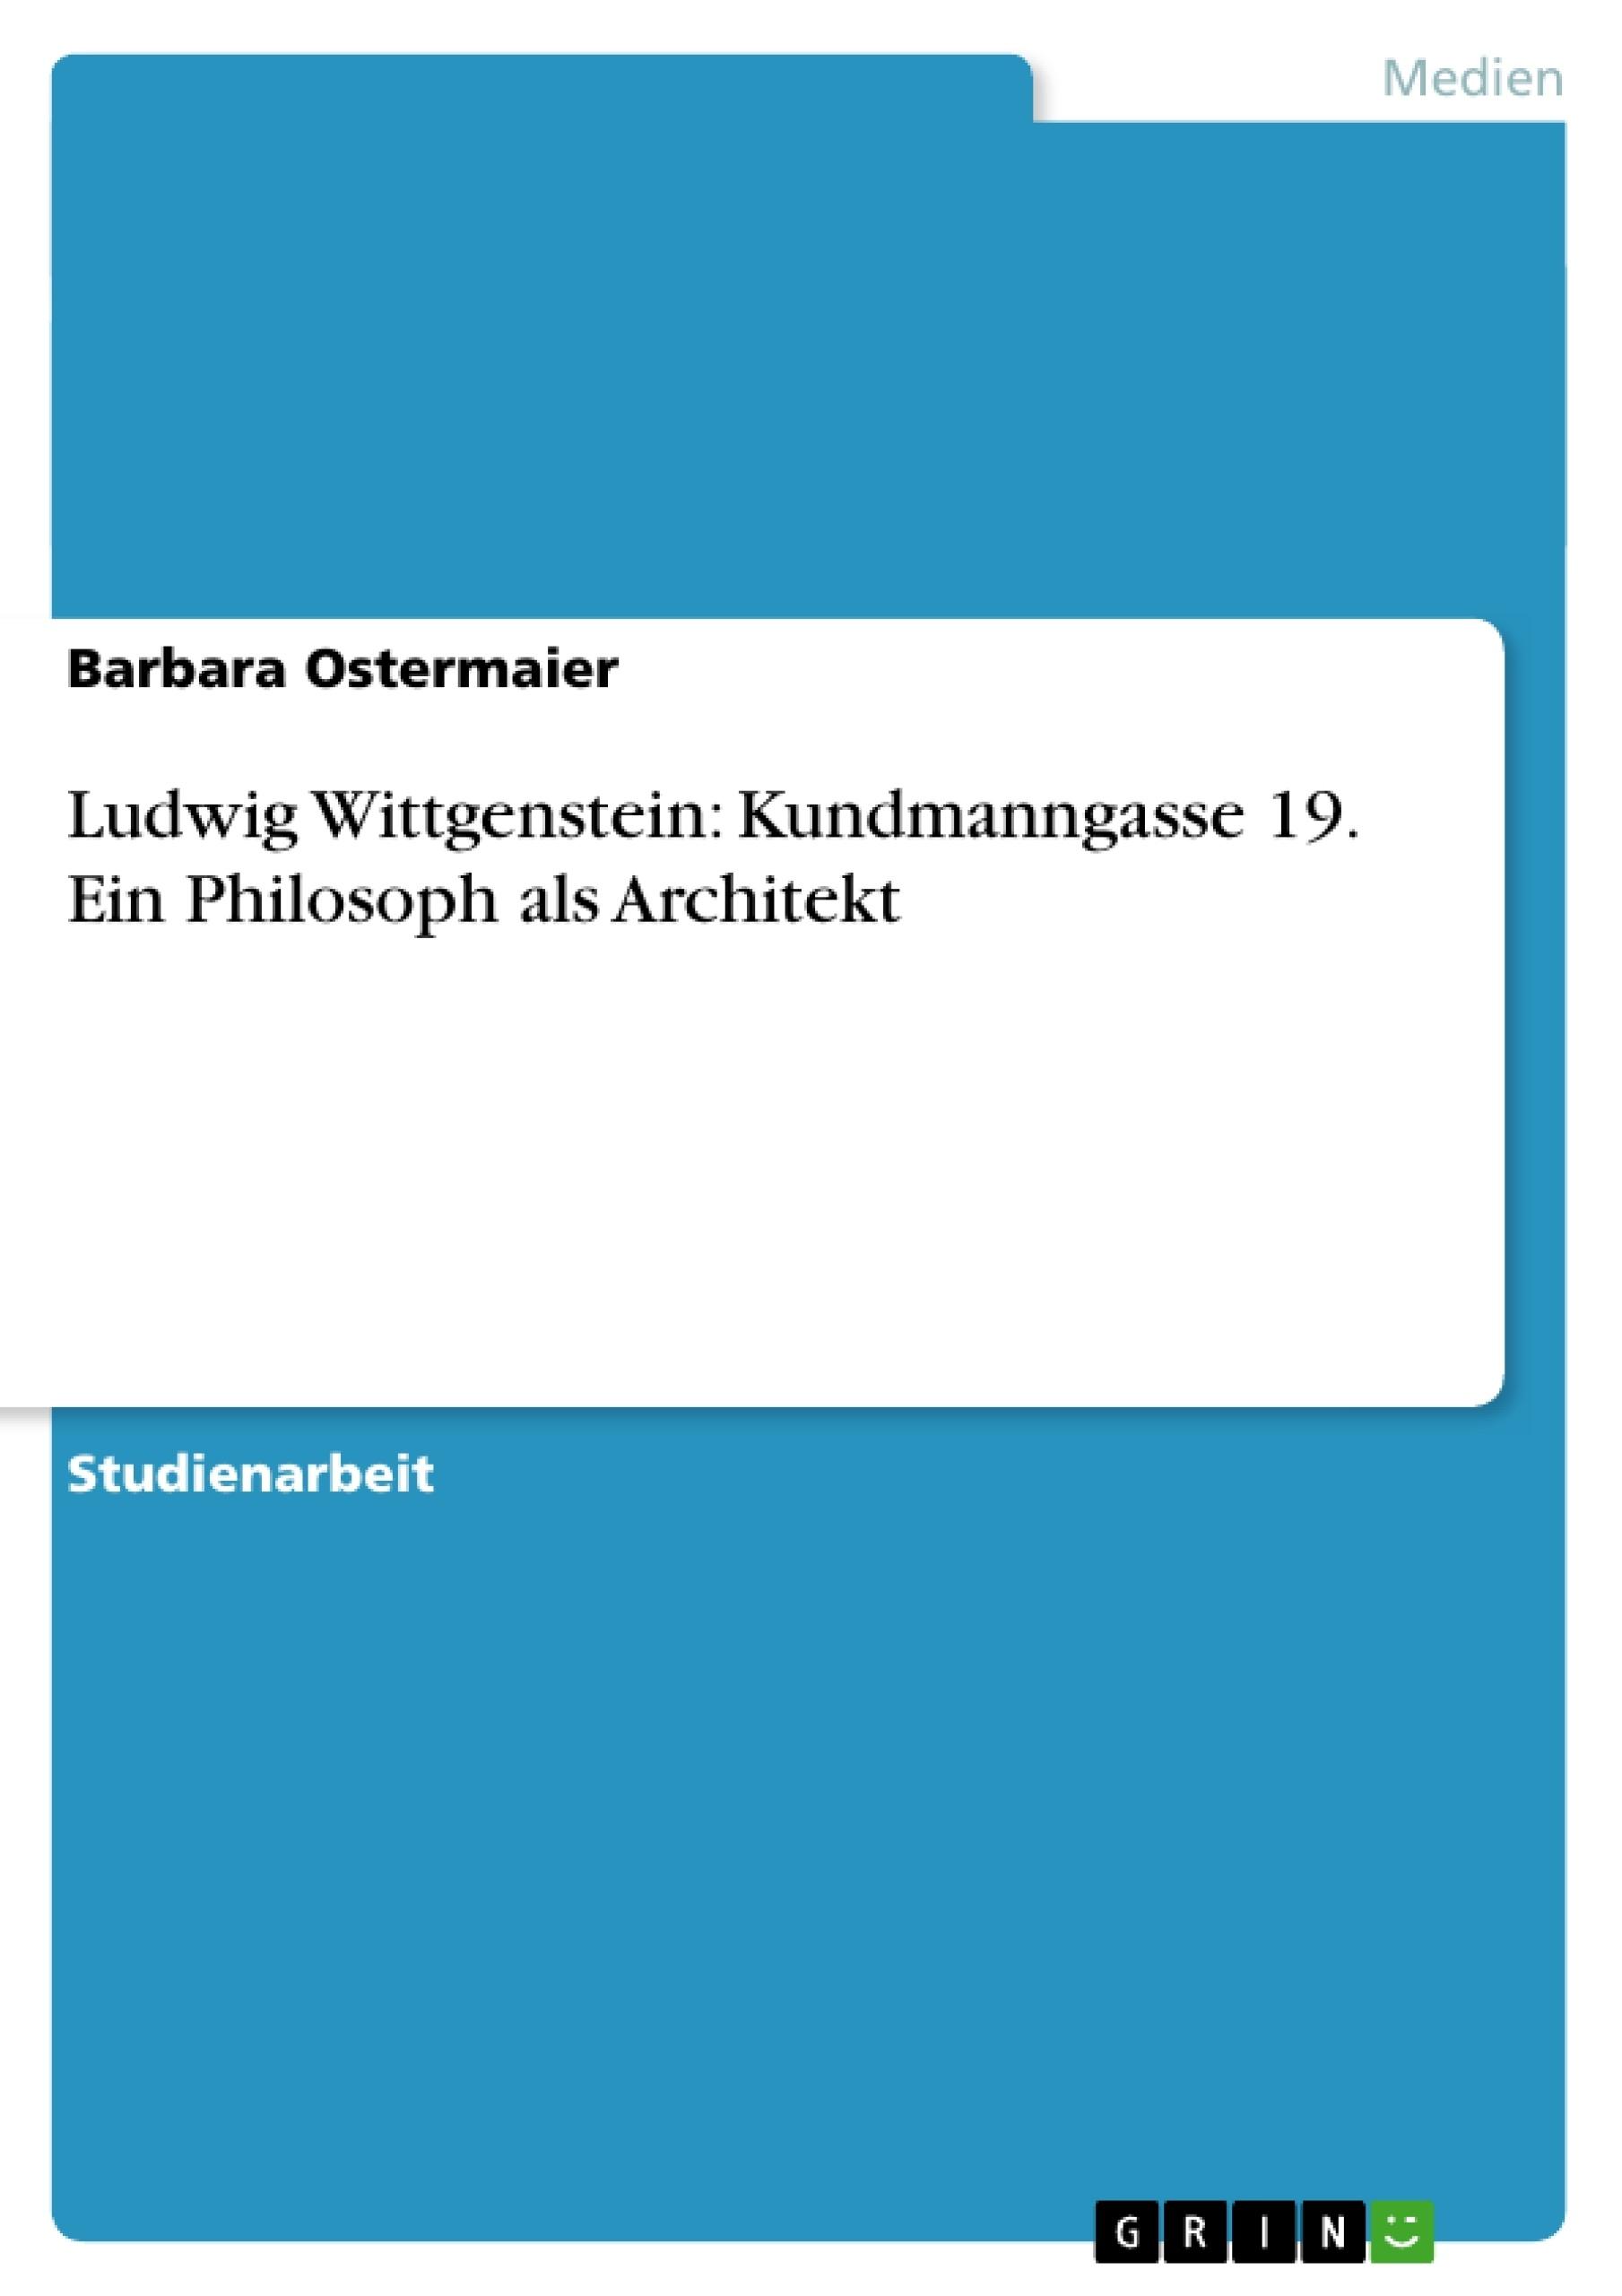 Titel: Ludwig Wittgenstein: Kundmanngasse 19. Ein Philosoph als Architekt